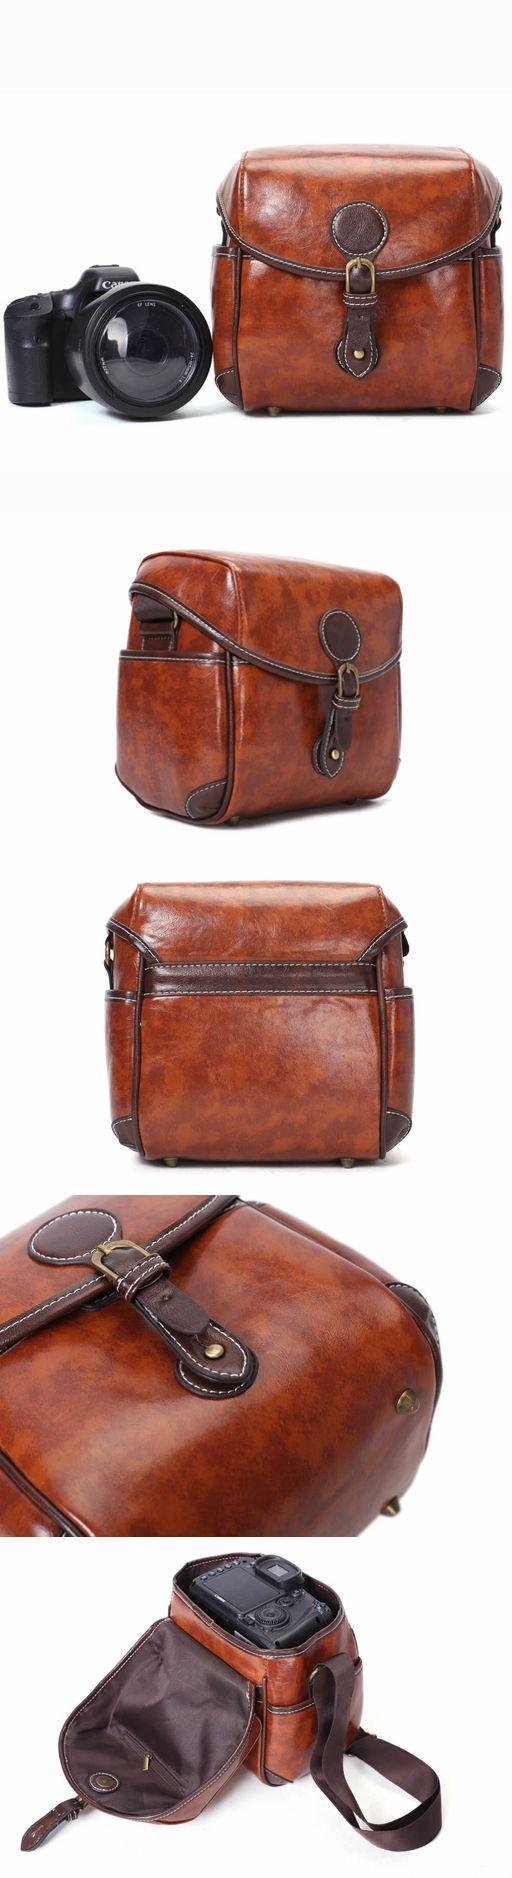 Flash Sale PU Leather DSLR Camera Purse, Vintage SLR Camera Case 288 #camerapurse